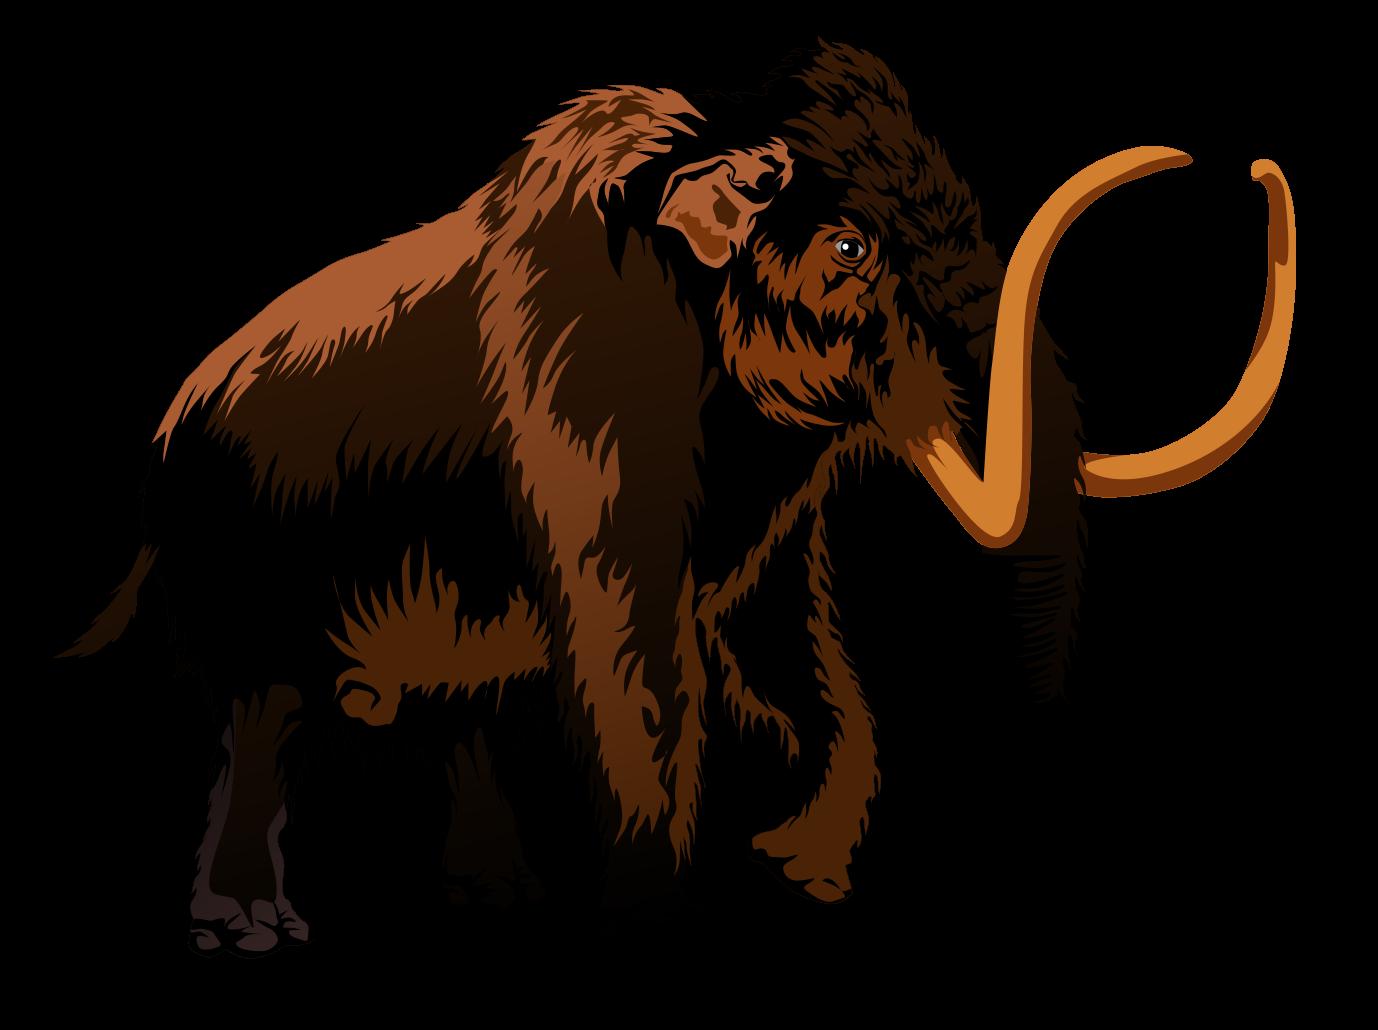 ... Public Domain Extinct Animals Clip Art - ClipArt Best - ClipArt Best